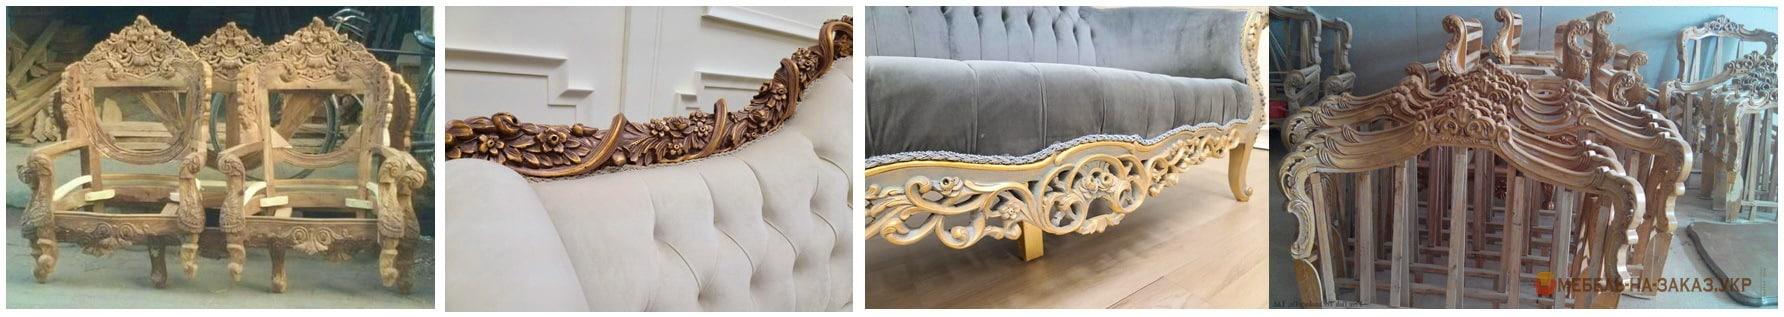 каркас мягкой мебели с резьбой